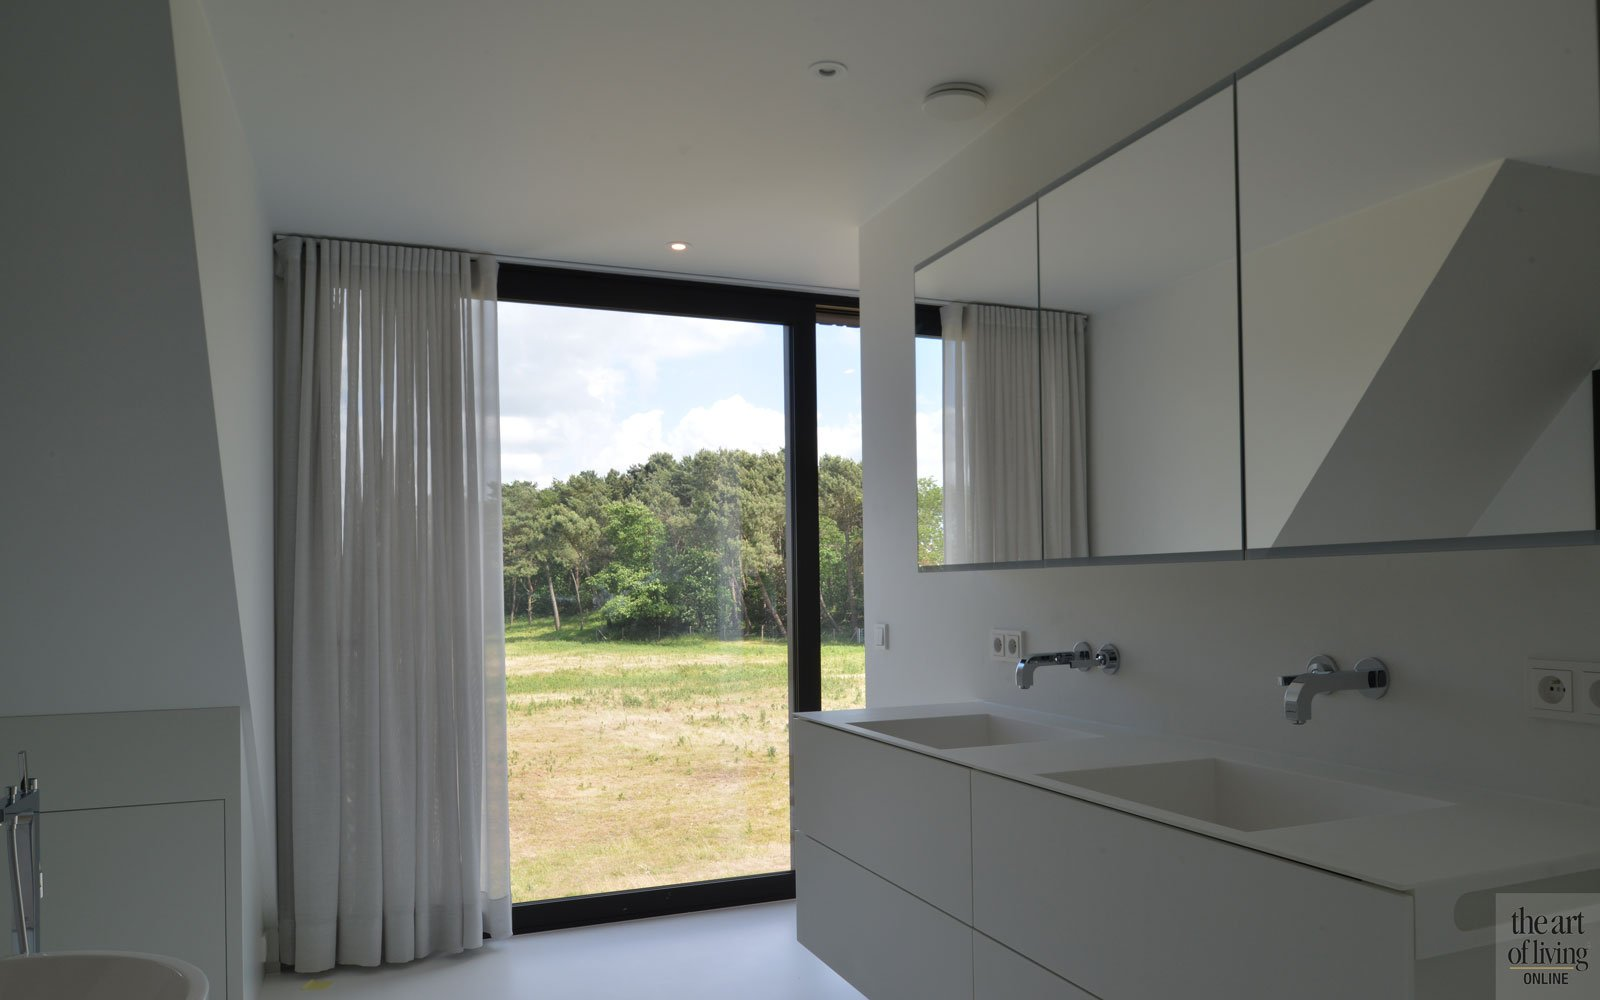 Badkamer, ruimte, licht, wastafel, wit, strak, ruime villa, HC Demyttenaere